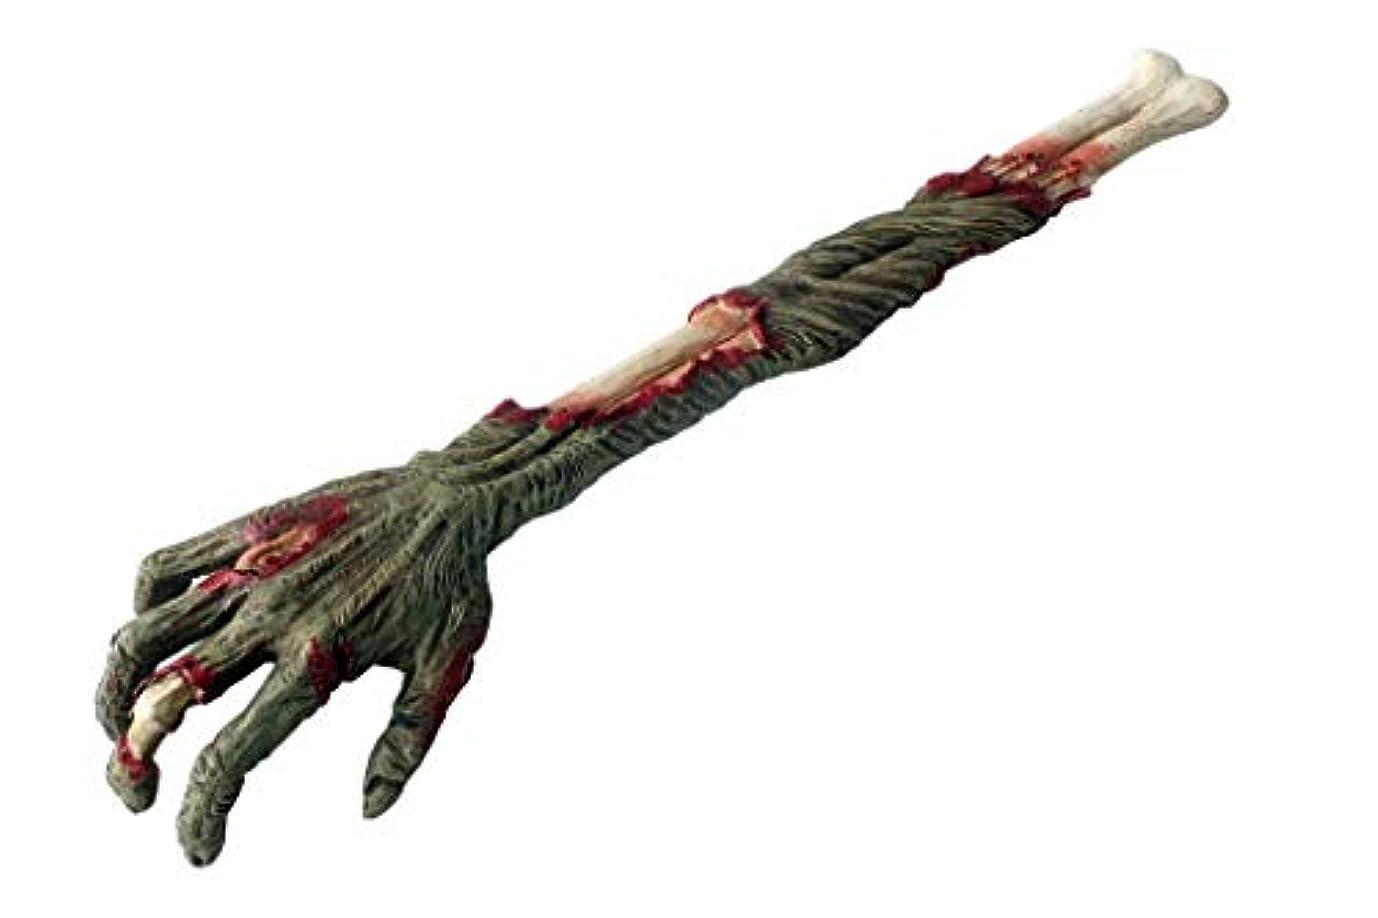 政策ノートバーチャルゾンビアーム(ハンド)バックスクラッチャー(孫の手) Zombie arm Hand back scratcher